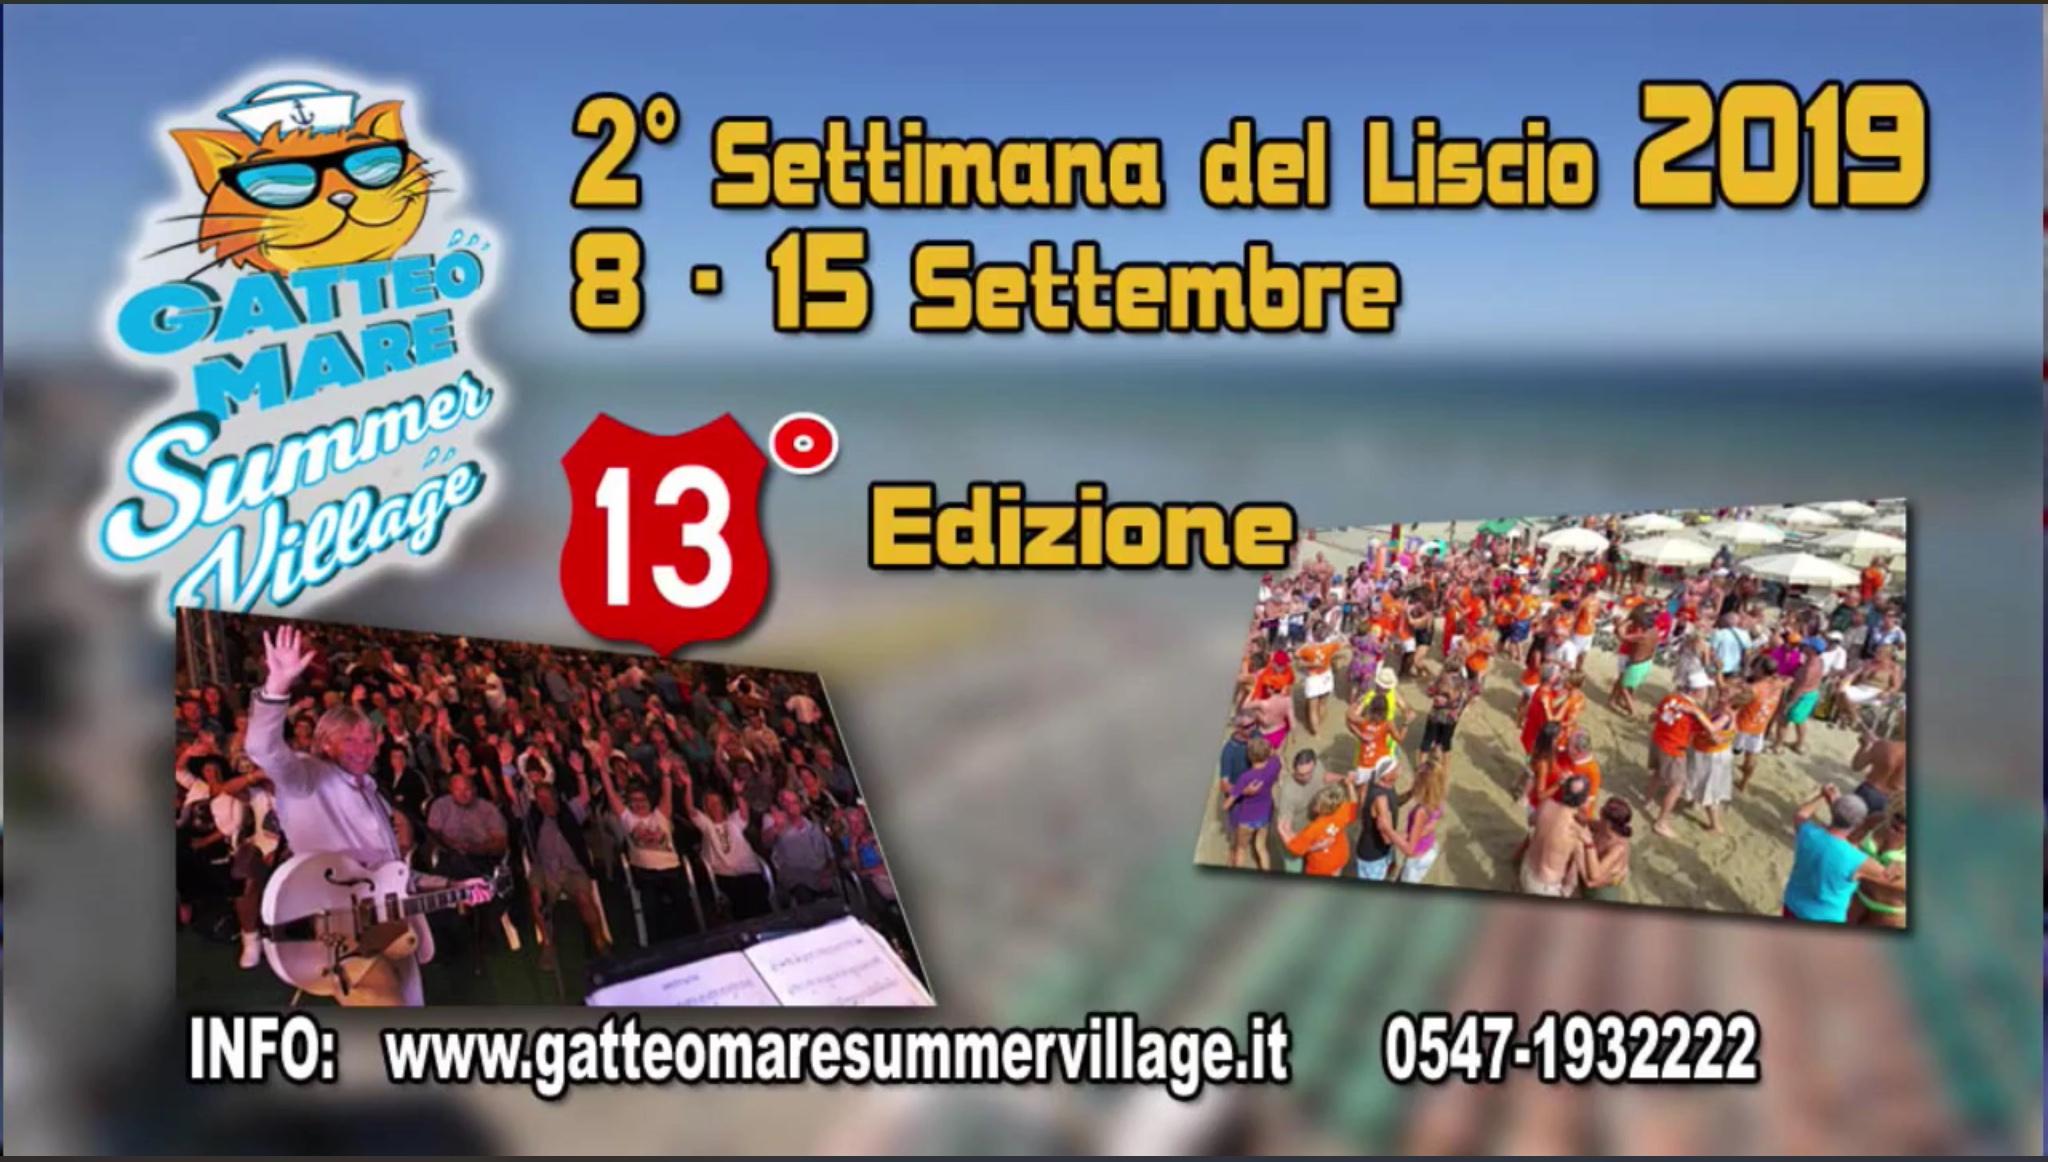 Orchestra Matteo Bensi Calendario.Settimana Del Liscio Dal 8 Al 14 Settembre 2019 Orchestra